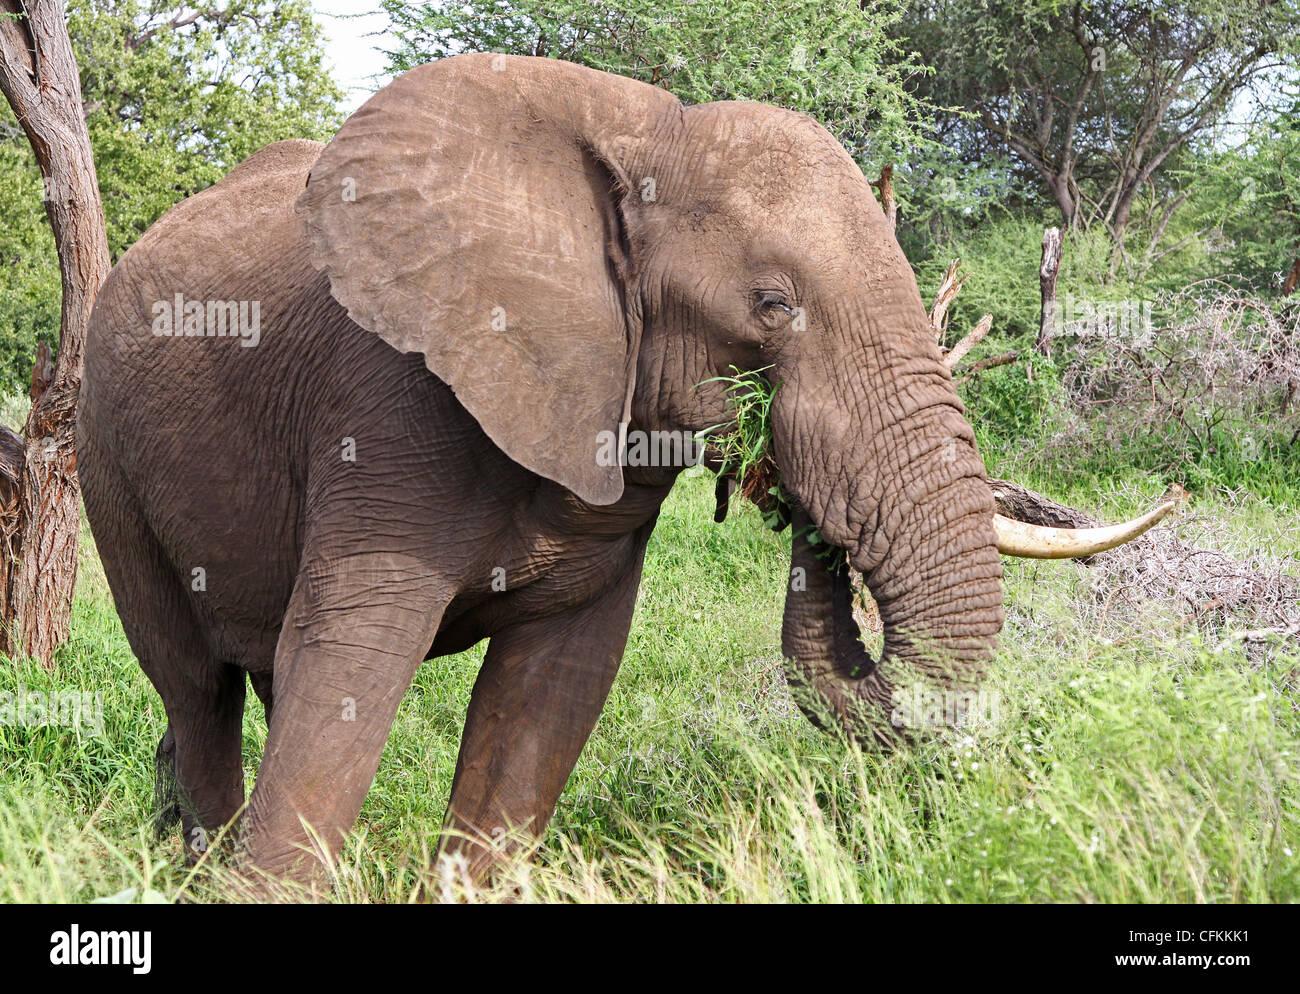 Elephant, wildlife in South Africa, Elephantidae - Stock Image